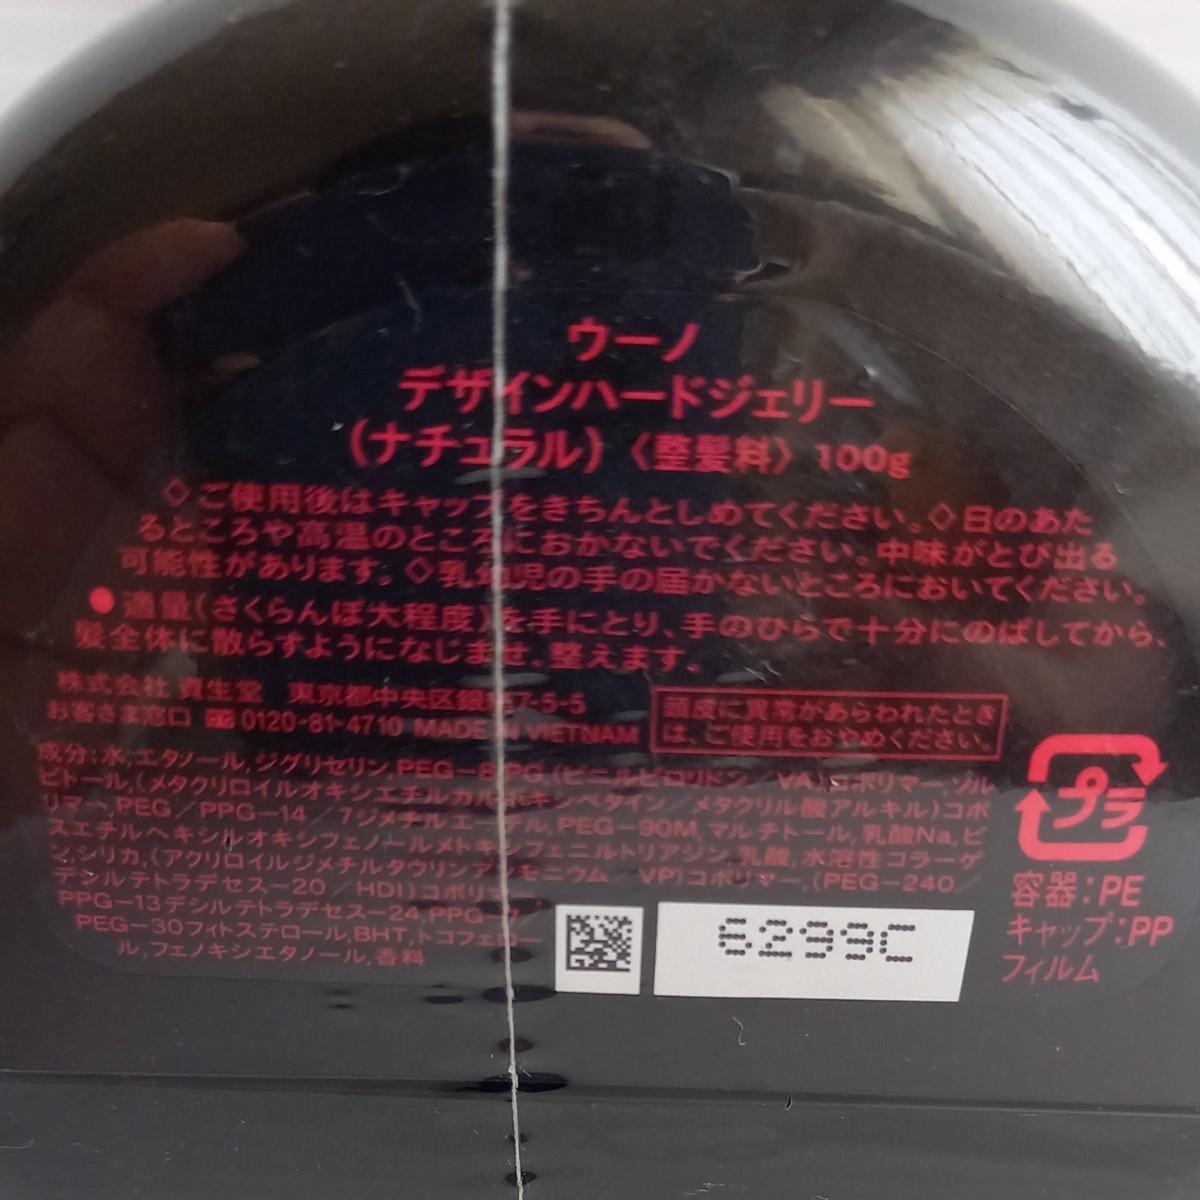 ☆新品未使用☆ メンズヘアケア用品 7点セット  ウーノ デザインハードジェリー・ GATSBY ギャツビー スタイリングフォーム